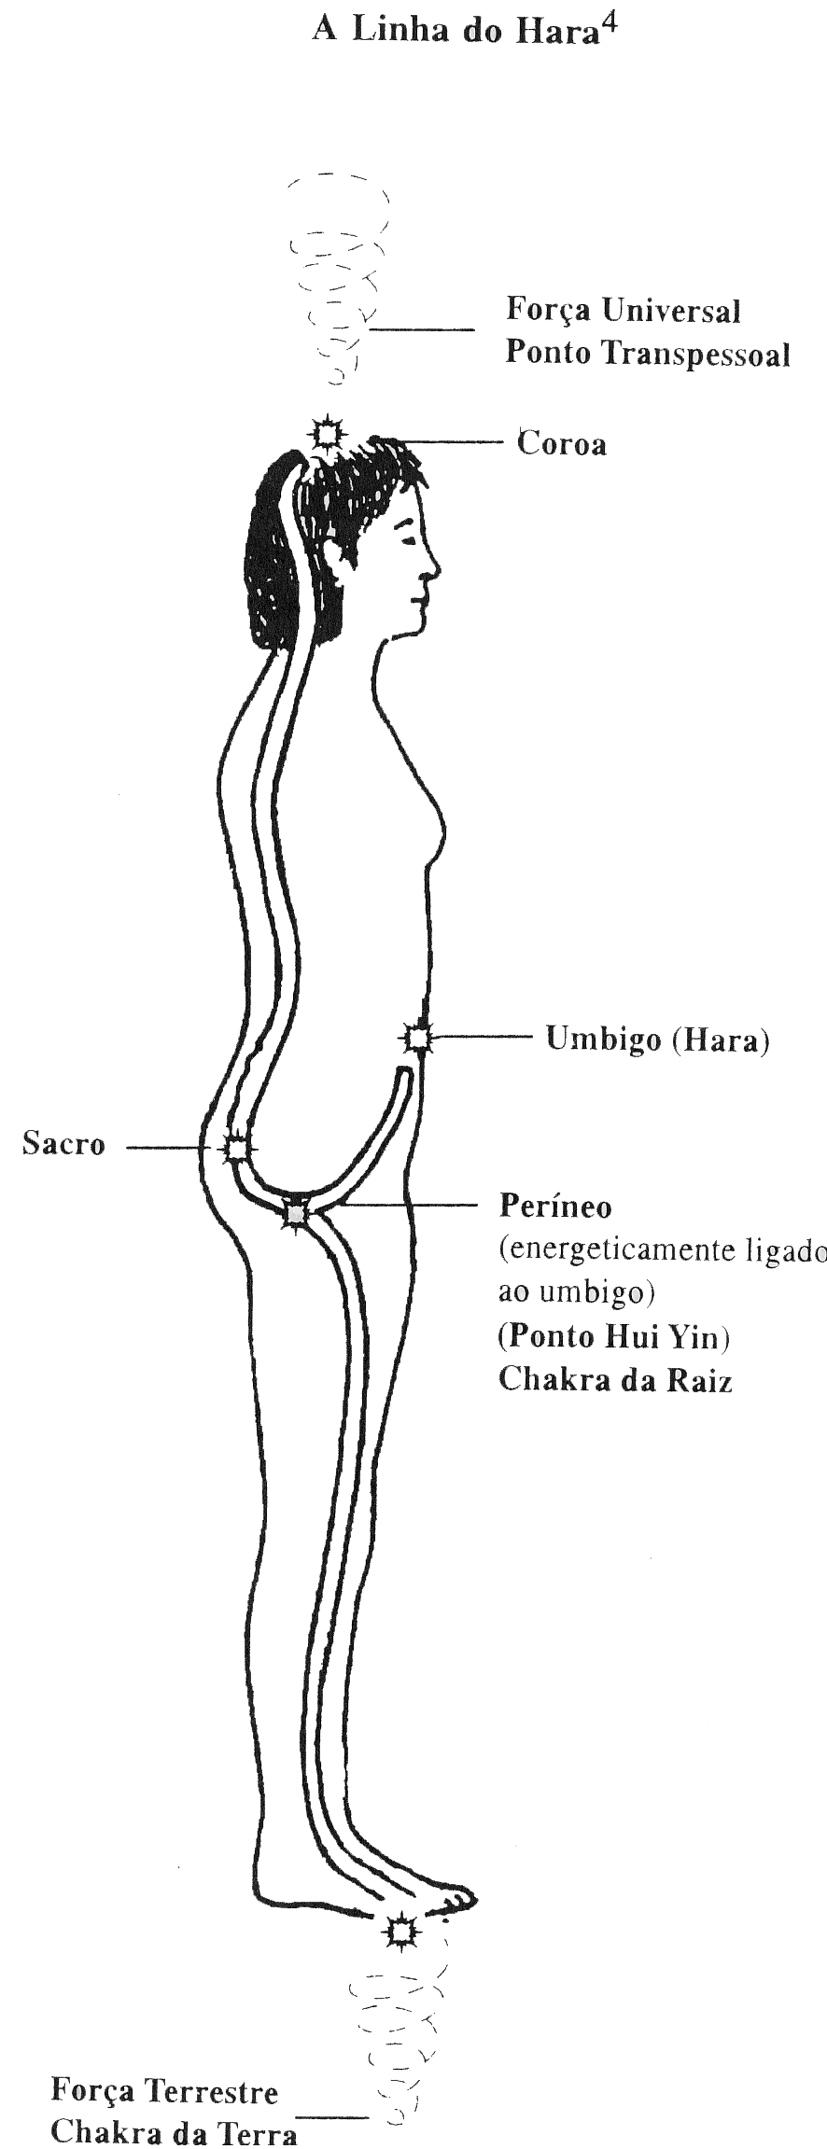 Linha do Hara